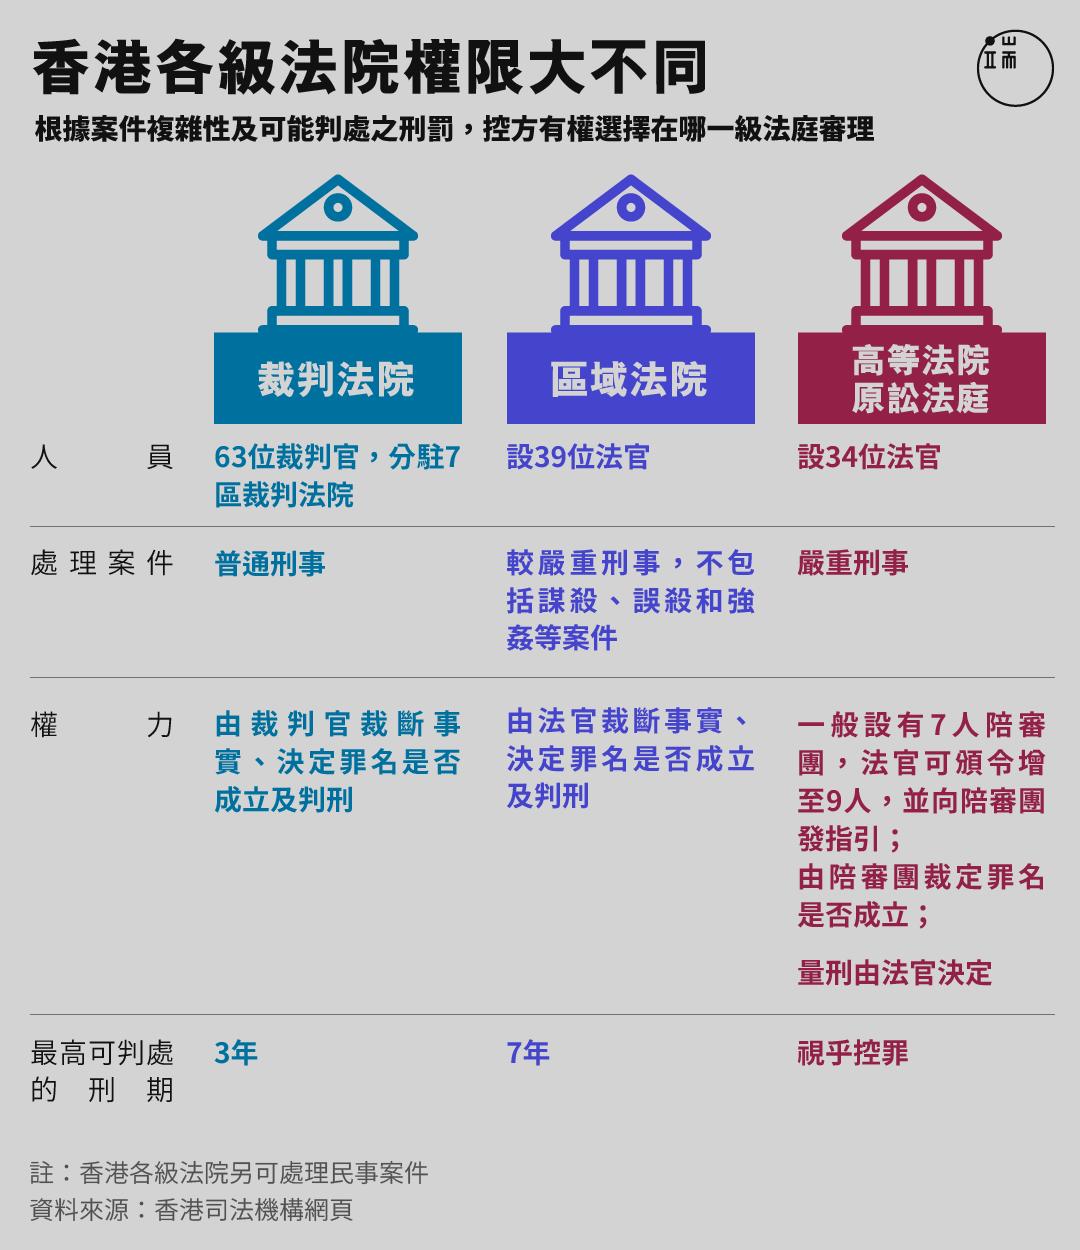 香港各級法院權限大不同。